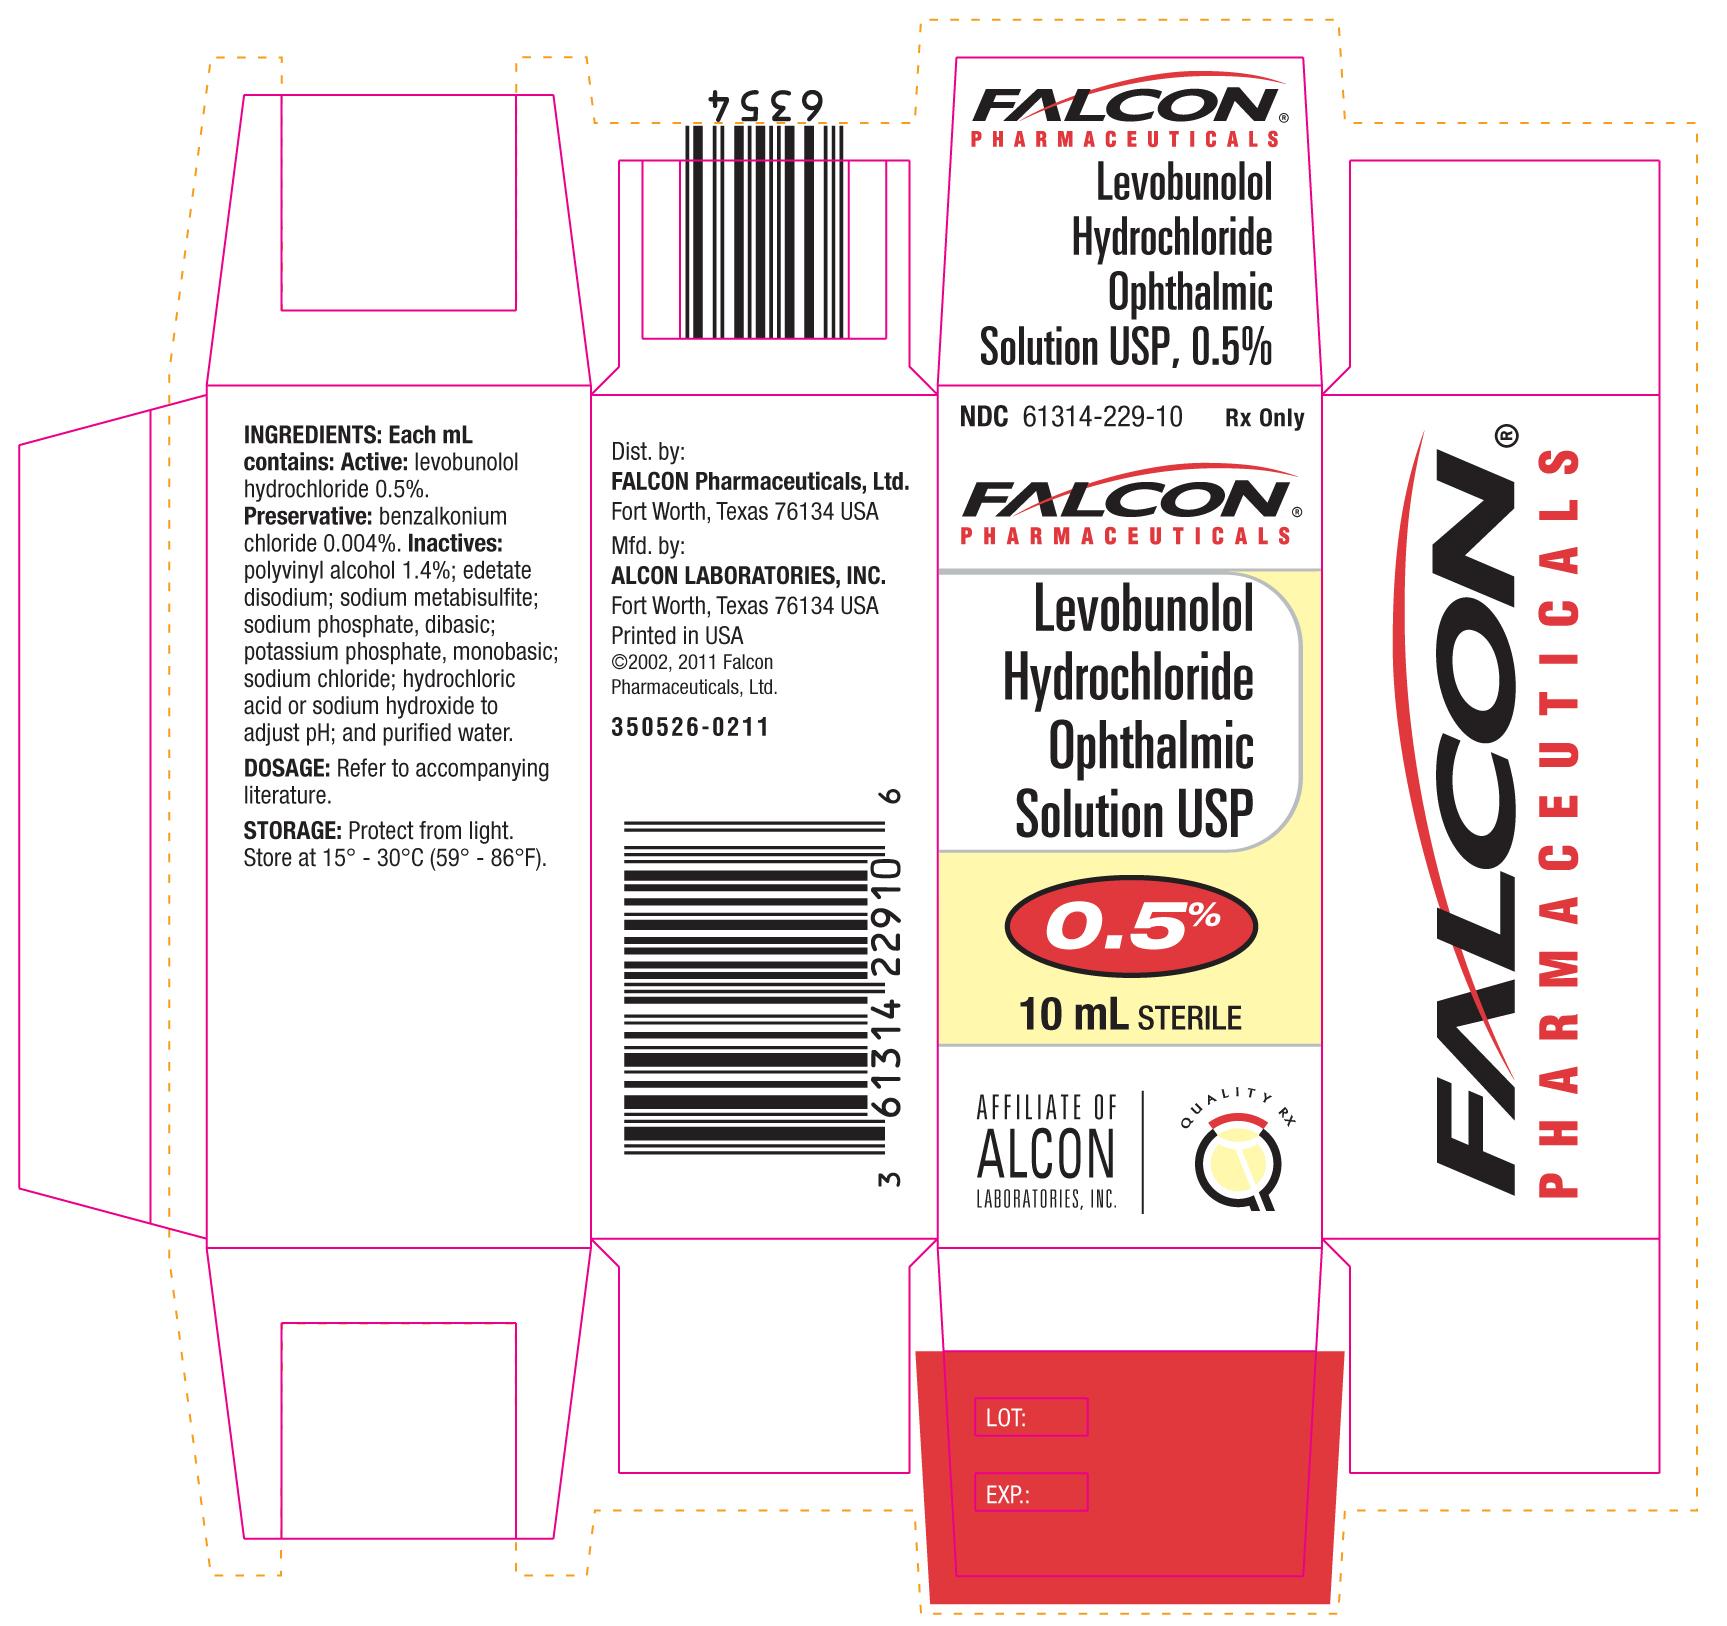 alcon laboratories inc case study